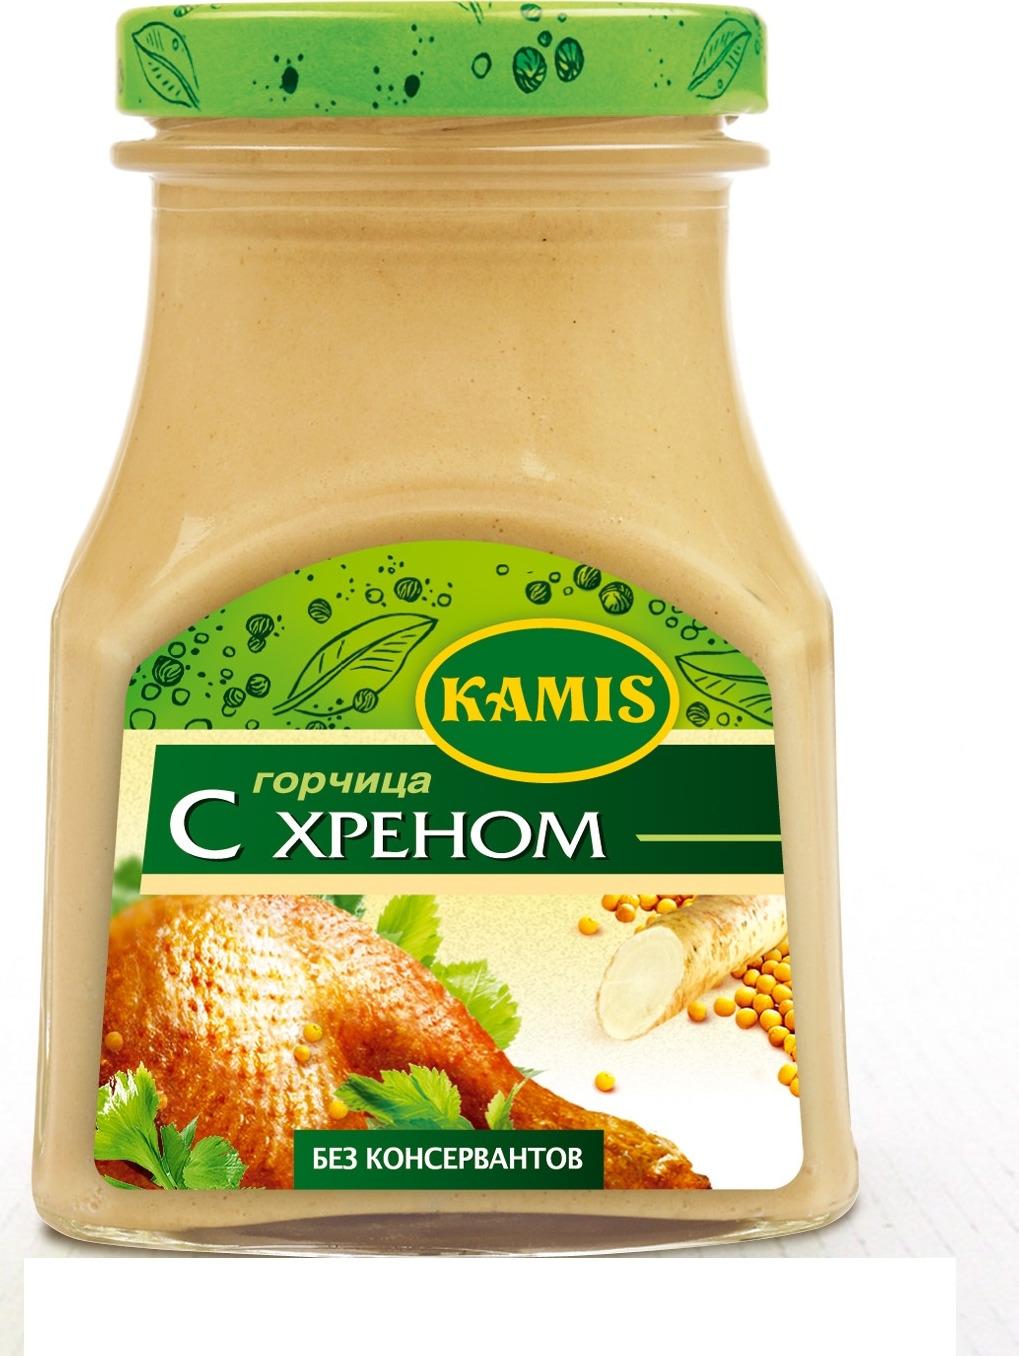 Kamis горчица с хреном, 185 г